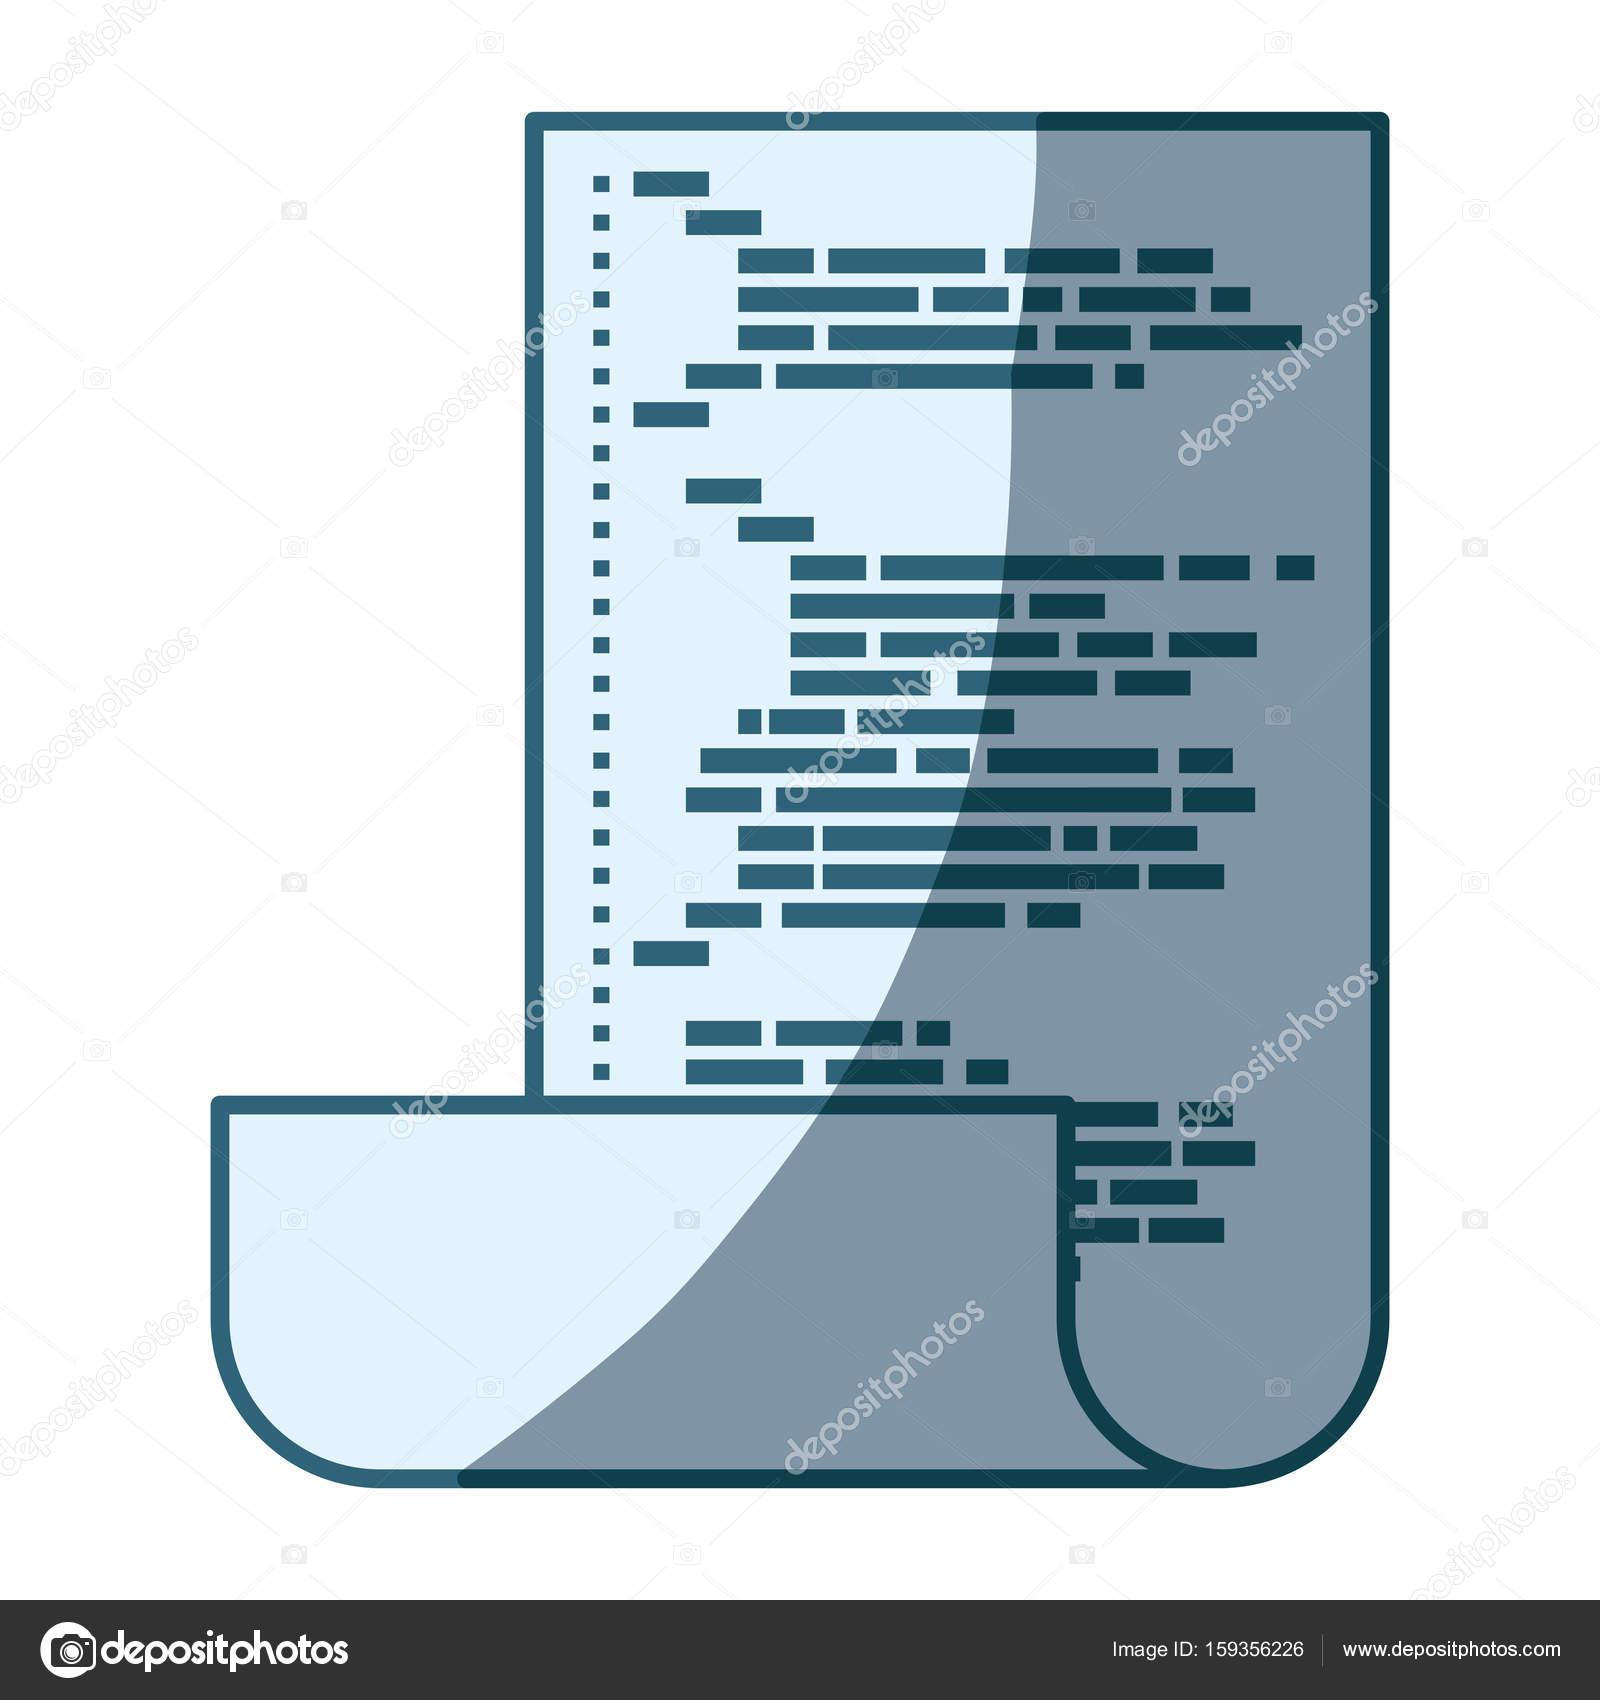 blaue Färbung Silhouette des Blattes mit gedruckten Quellcode ...